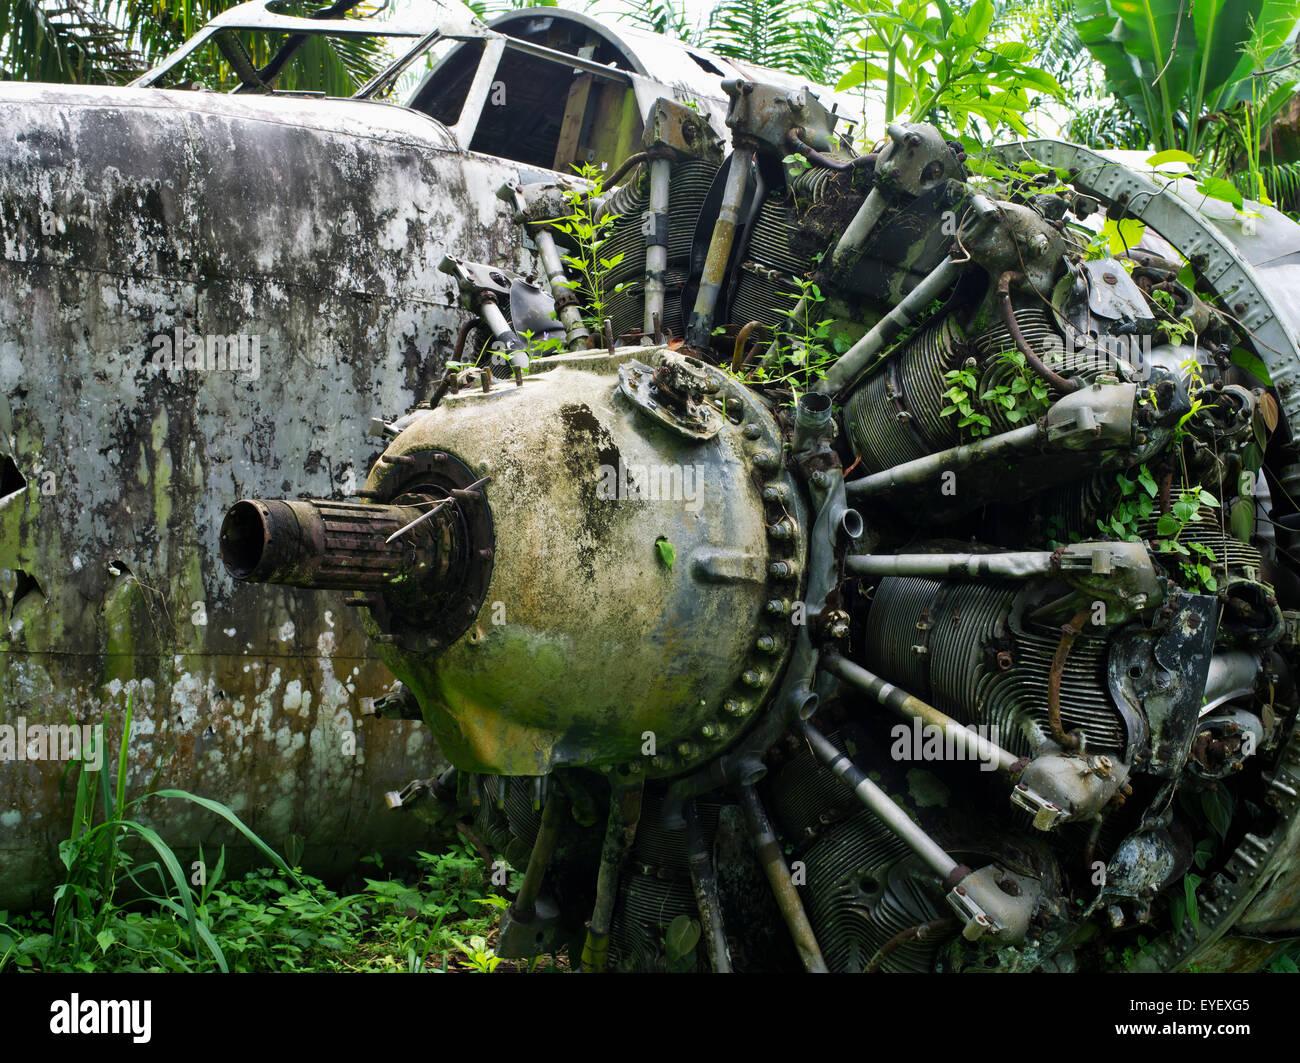 Old Aircraft Wreck Stock Photos & Old Aircraft Wreck Stock Images